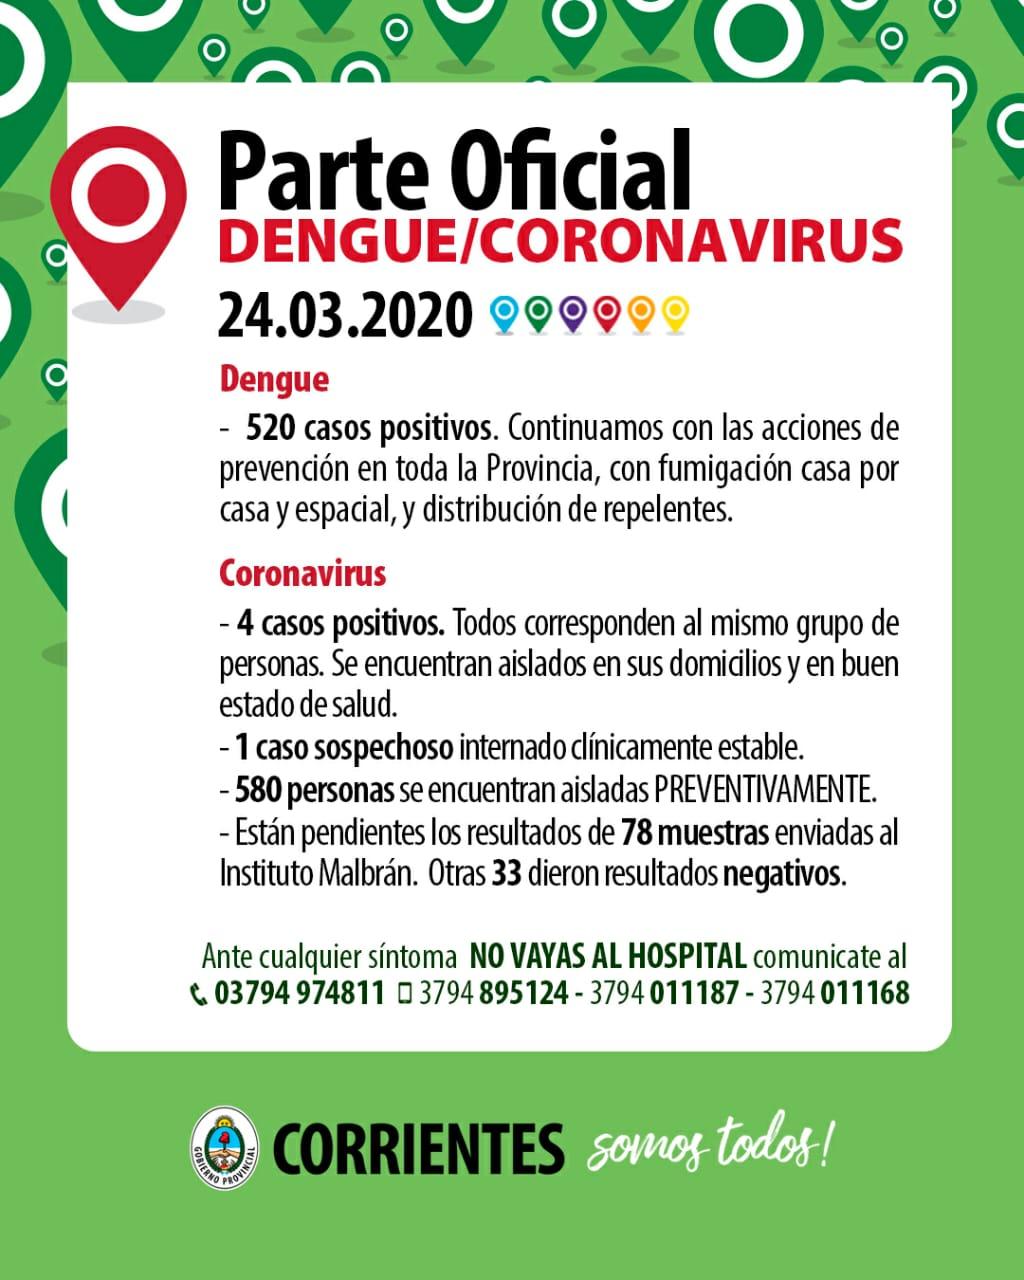 Se conoció el cuarto caso positivo de Coronavirus en Corrientes